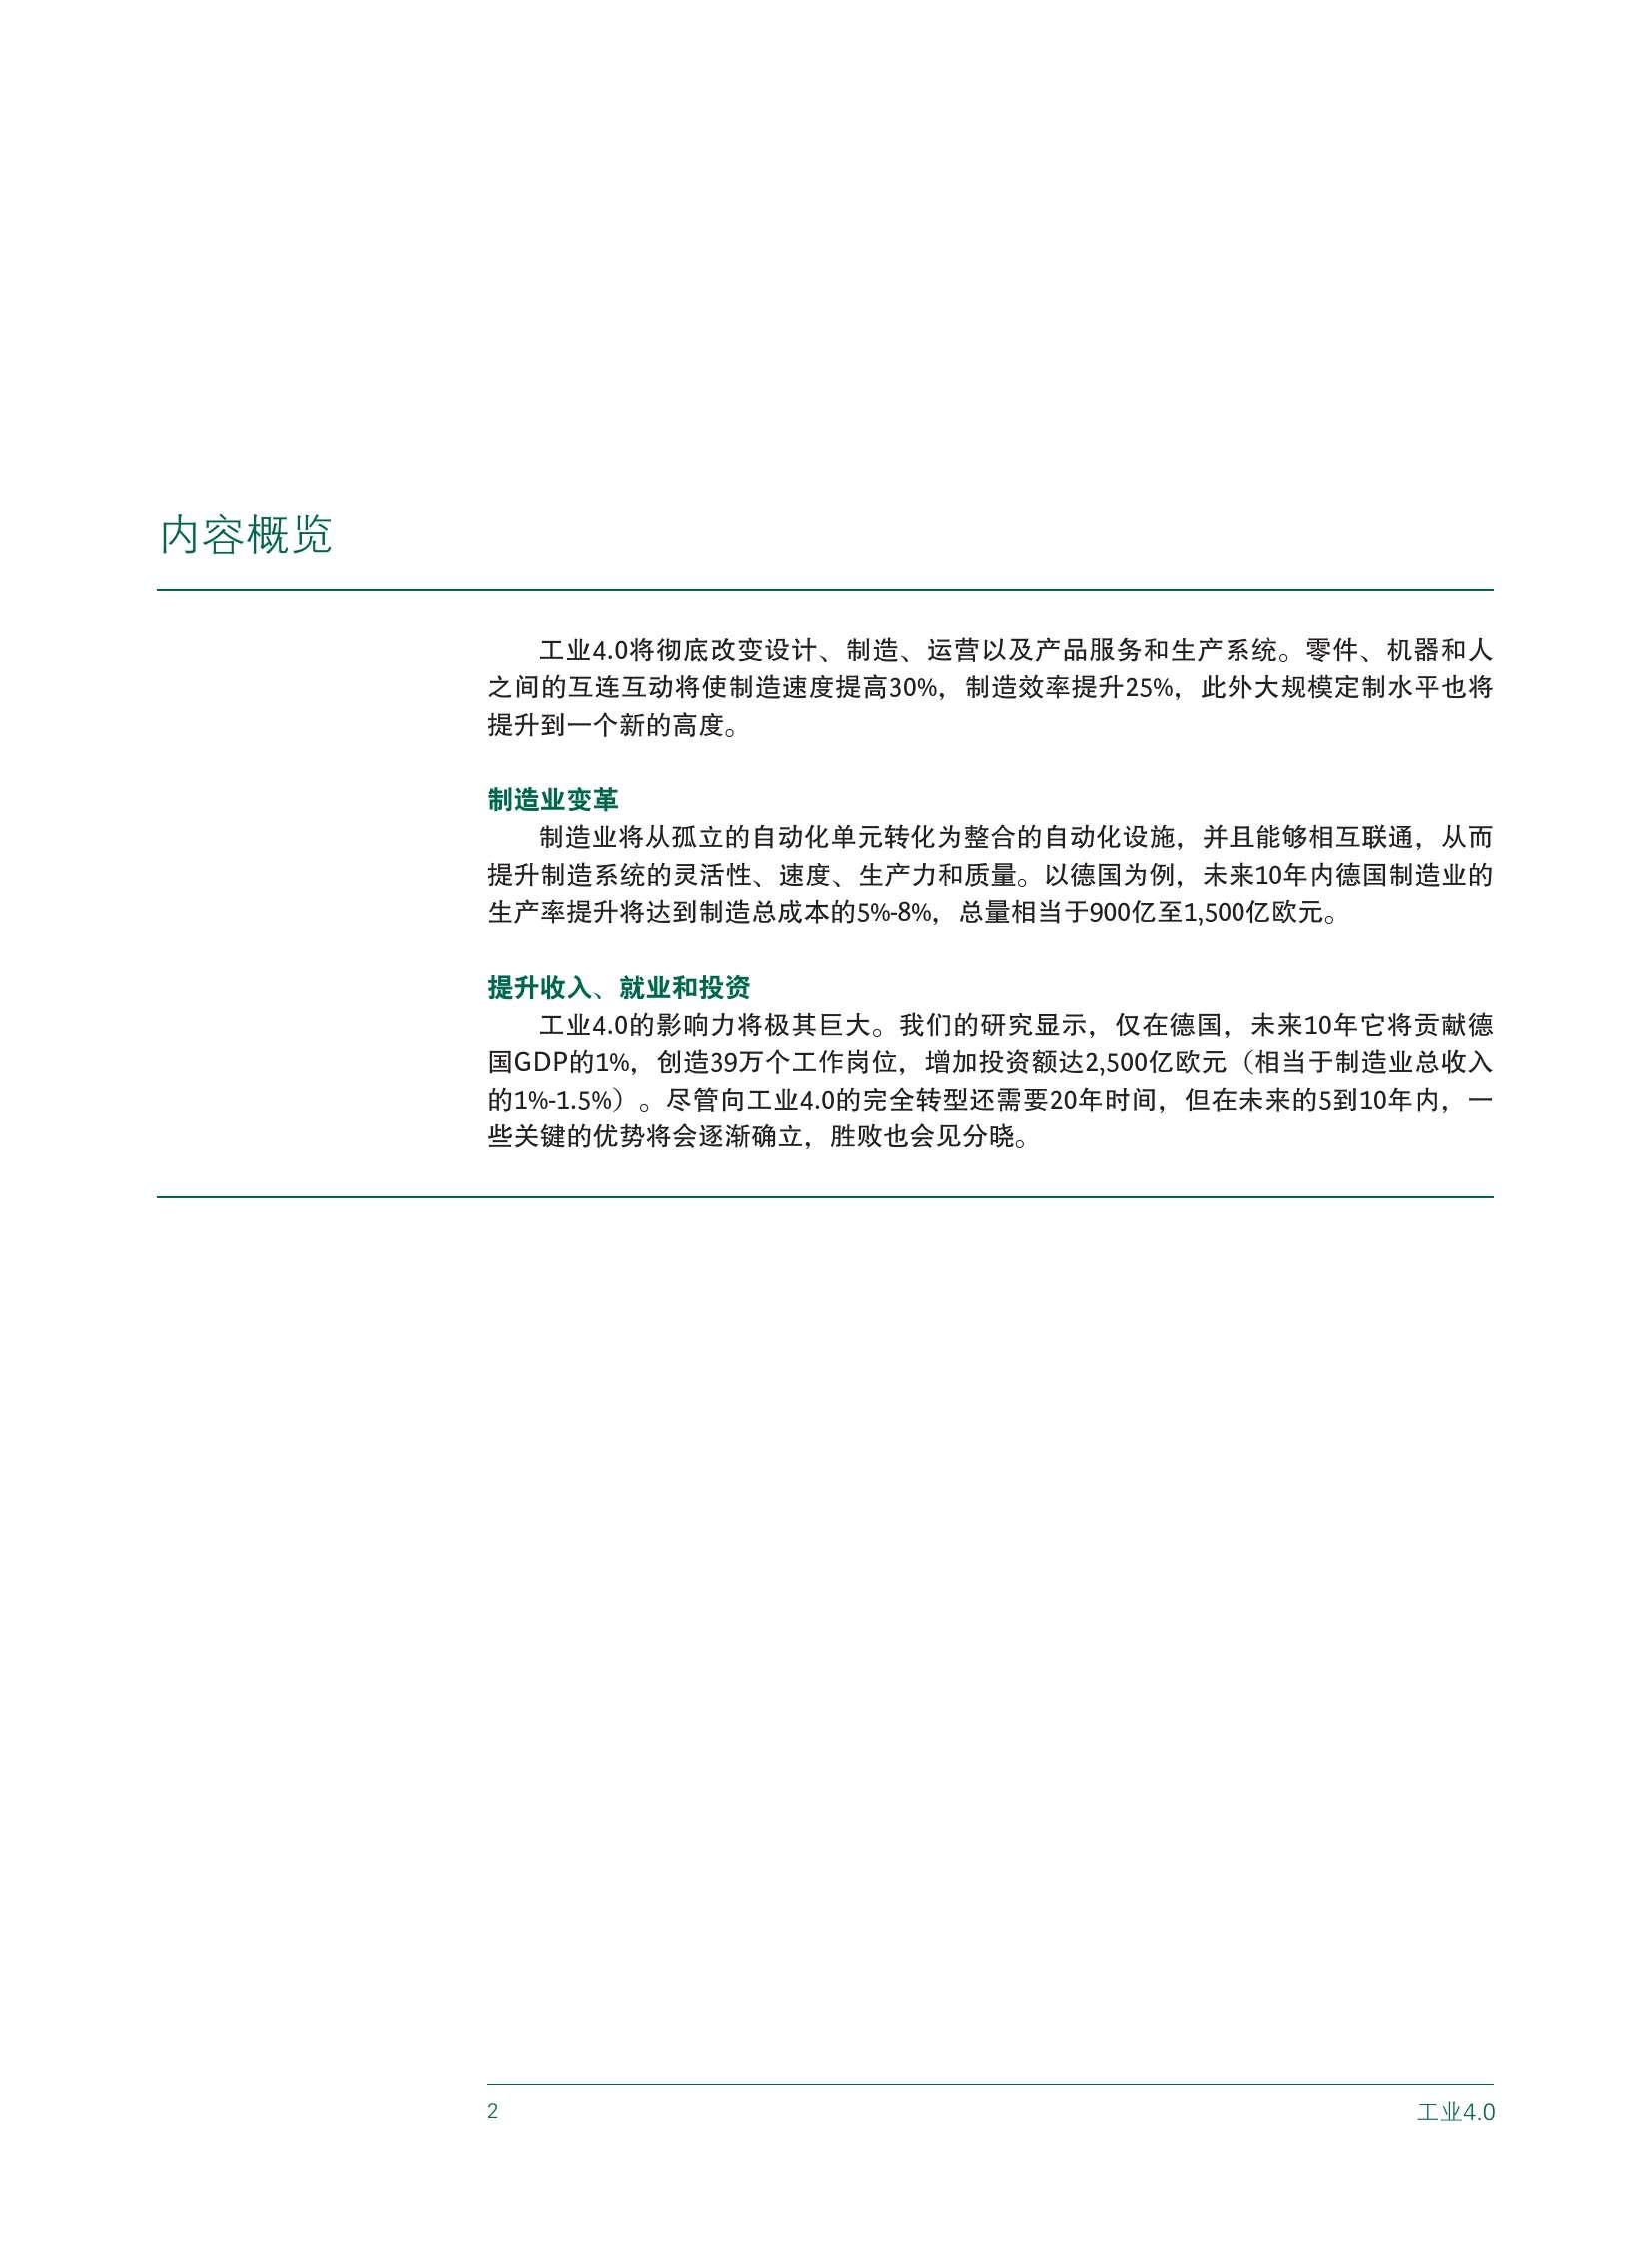 工业4.0:未来生产力与制造业发展前景_000004